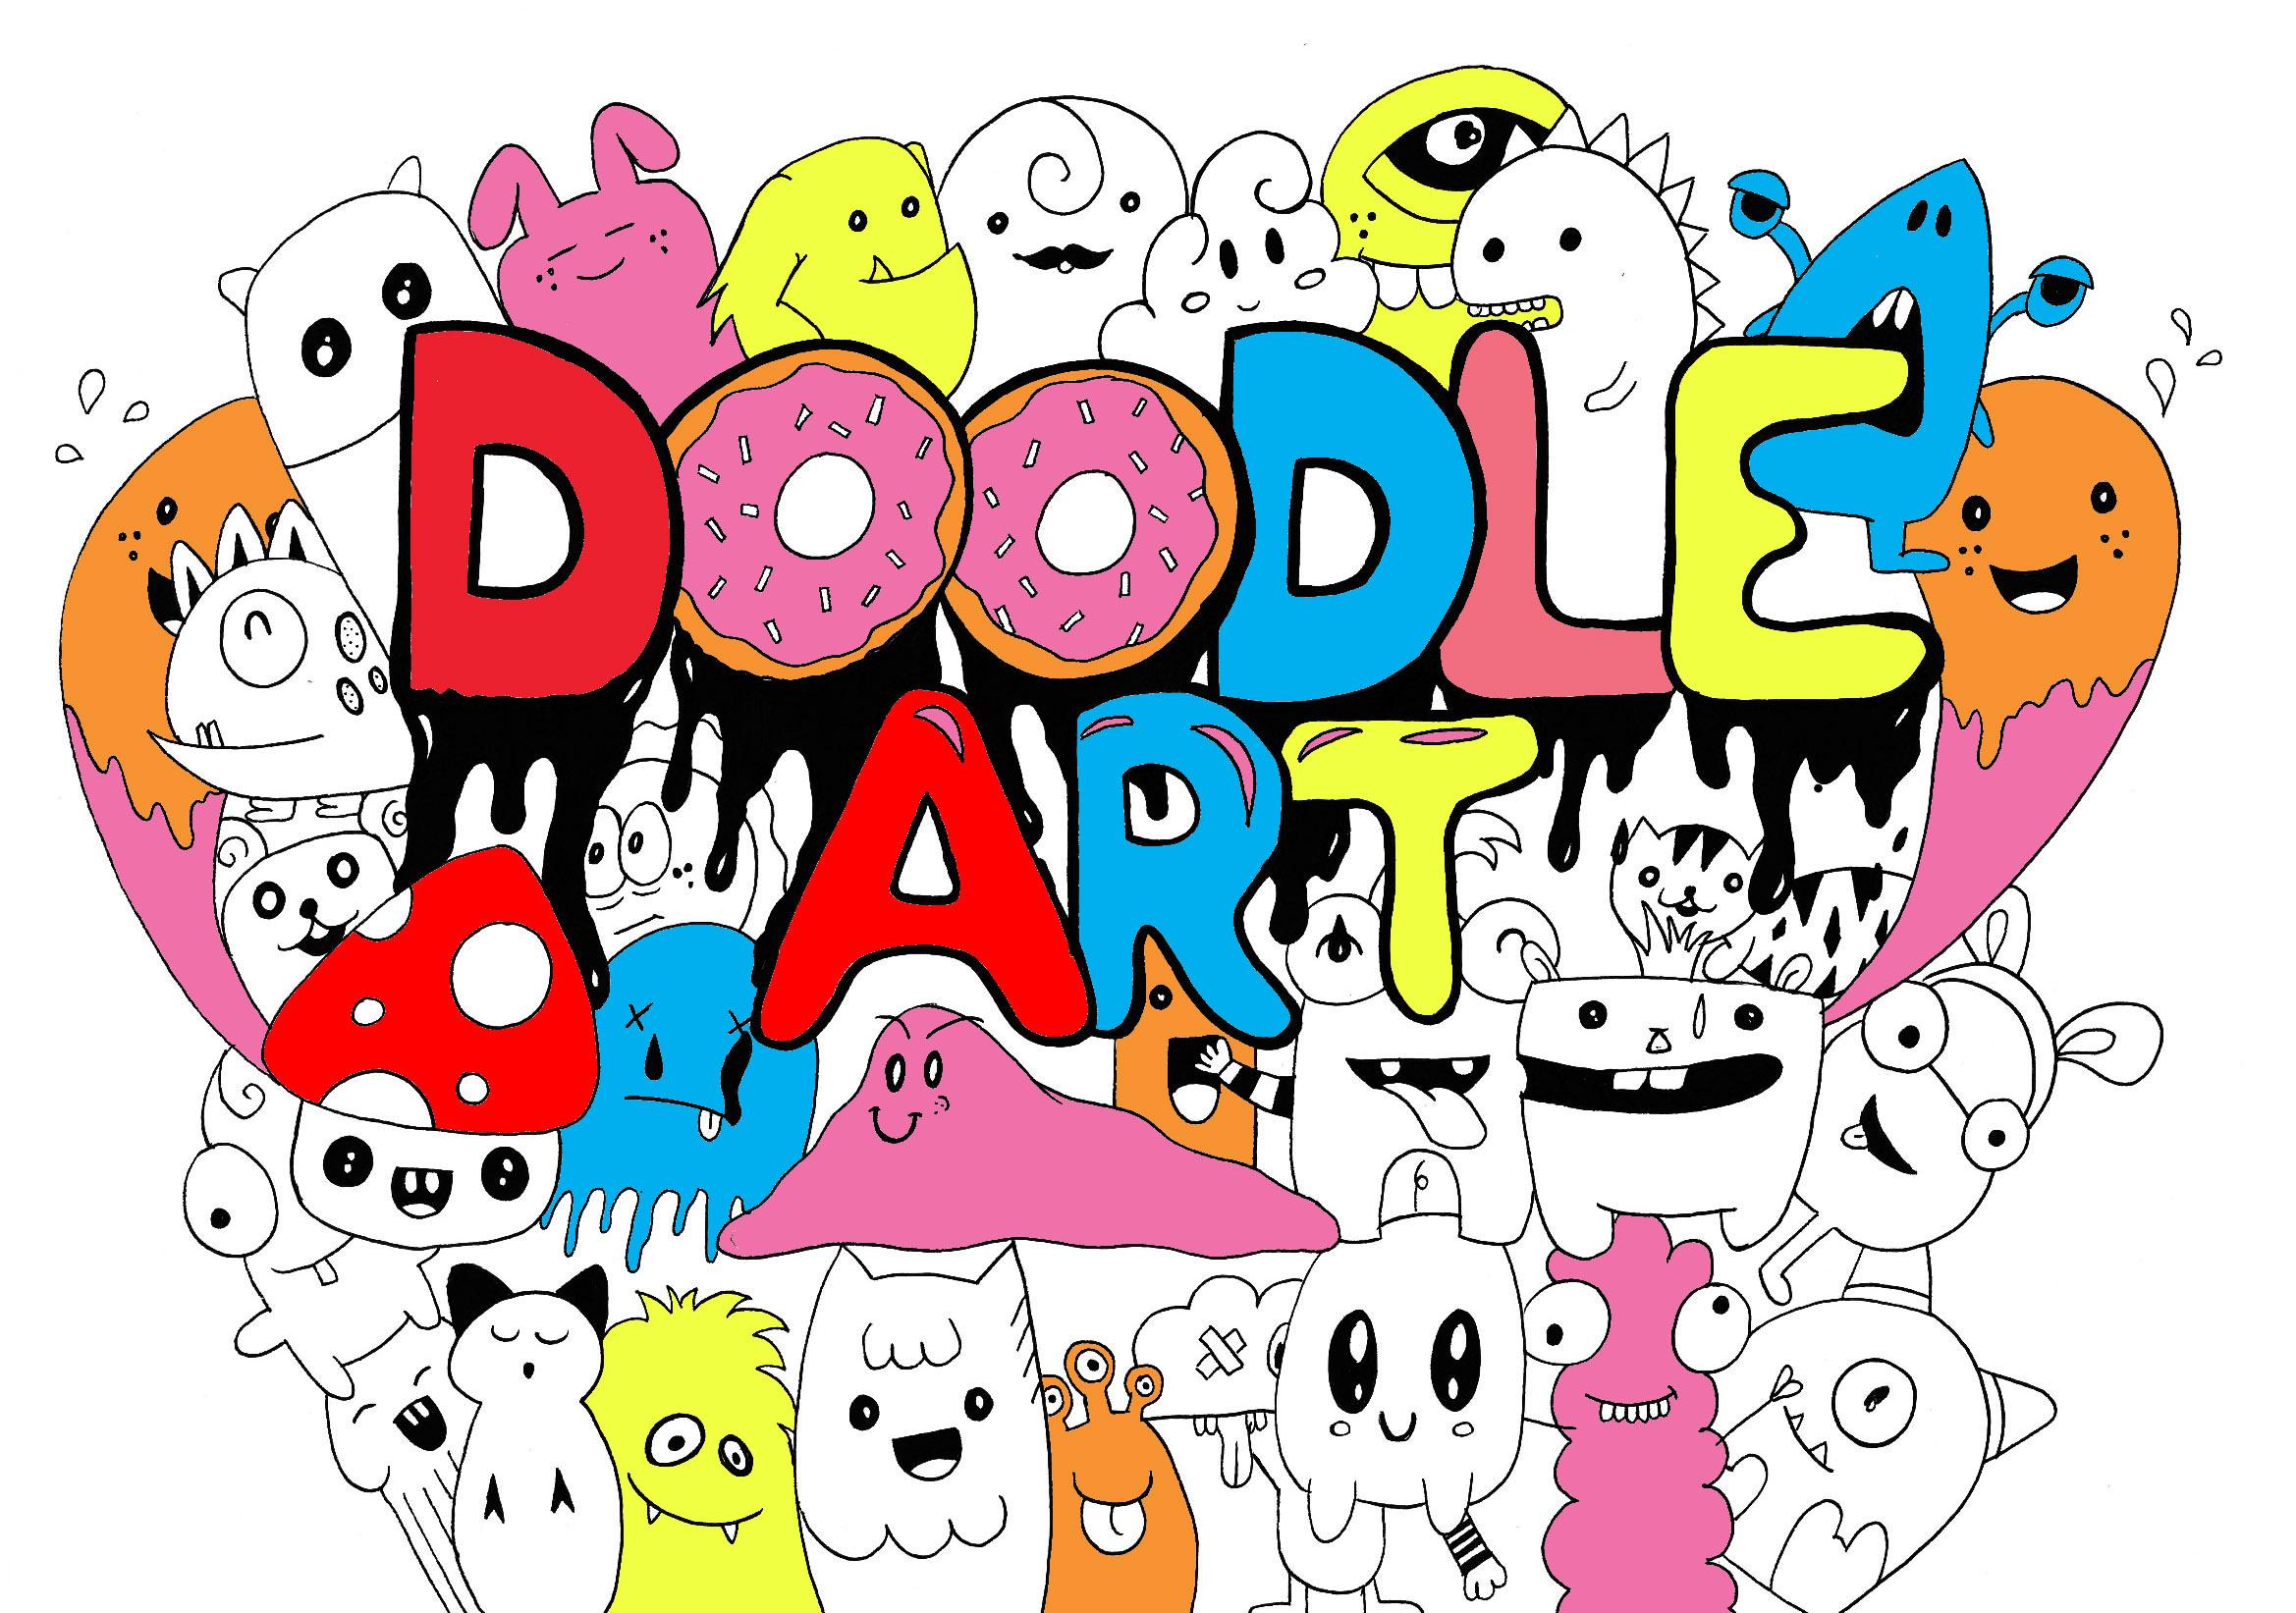 Doodle S: Doodles - Coloriages Difficiles Pour Adultes